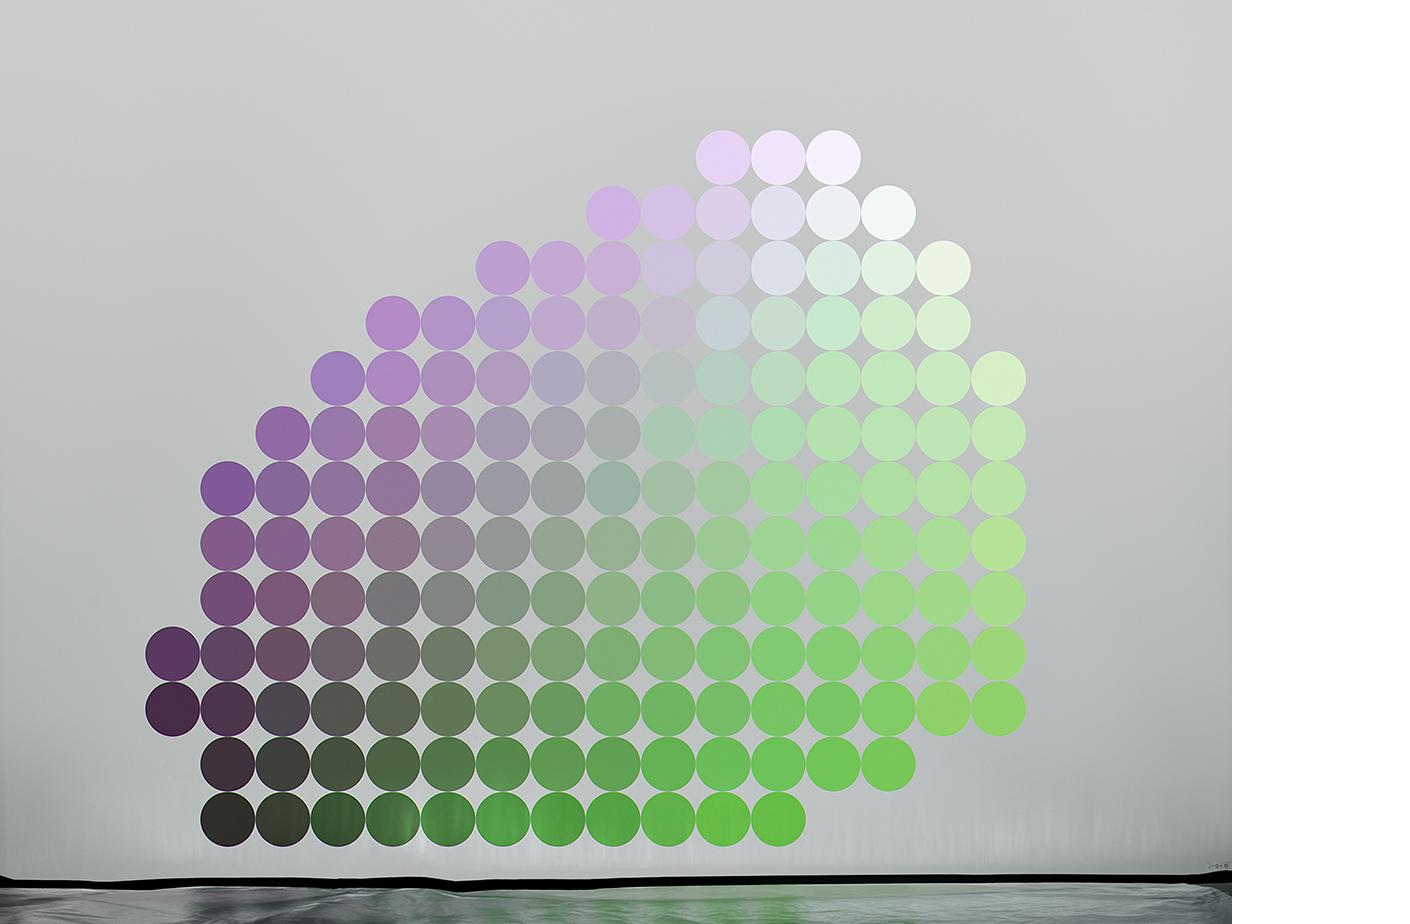 4111-07 Uniform Color Space #07  Pigment Print 5.25 x 7.00 inch Image Size 8.50 x 11.00 inch Paper Size 3 EDP / 4 AP